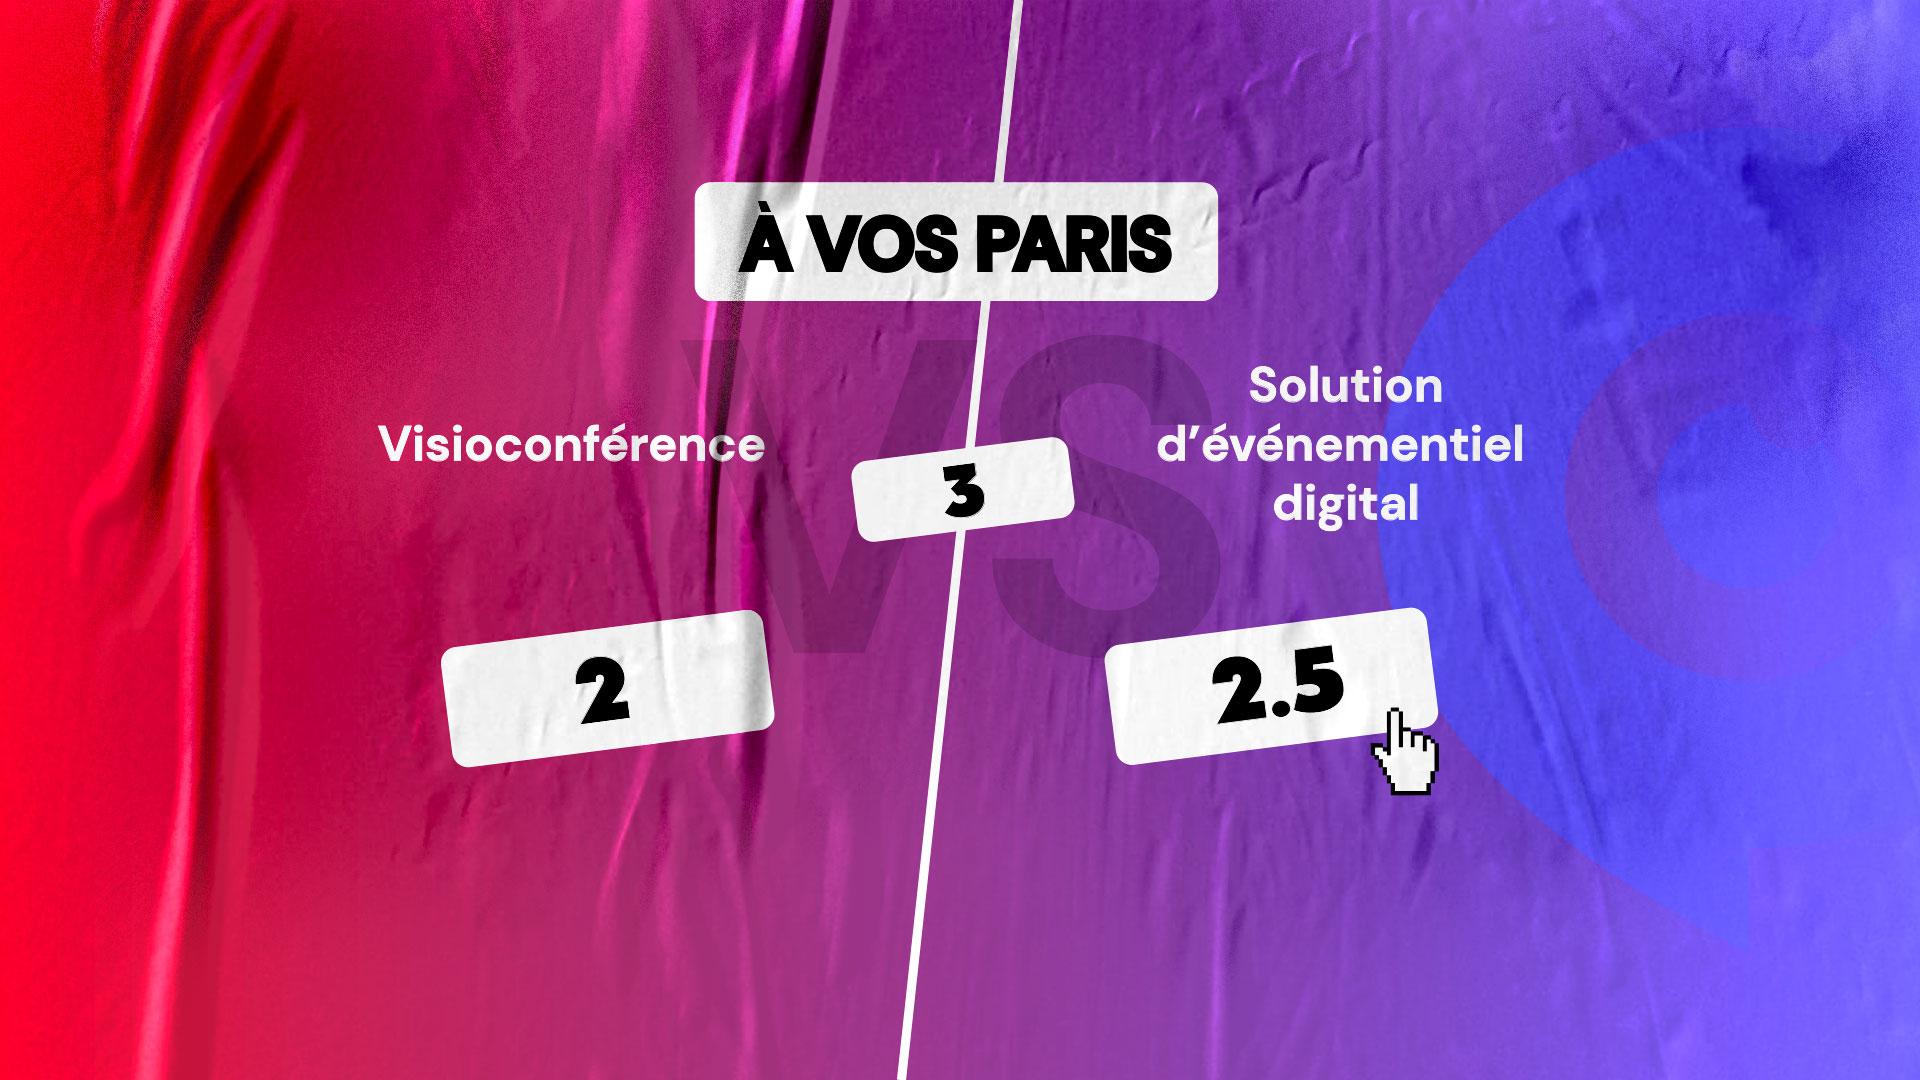 Visioconférence VS Solution d'événementiel digital  : Une finale virtuose